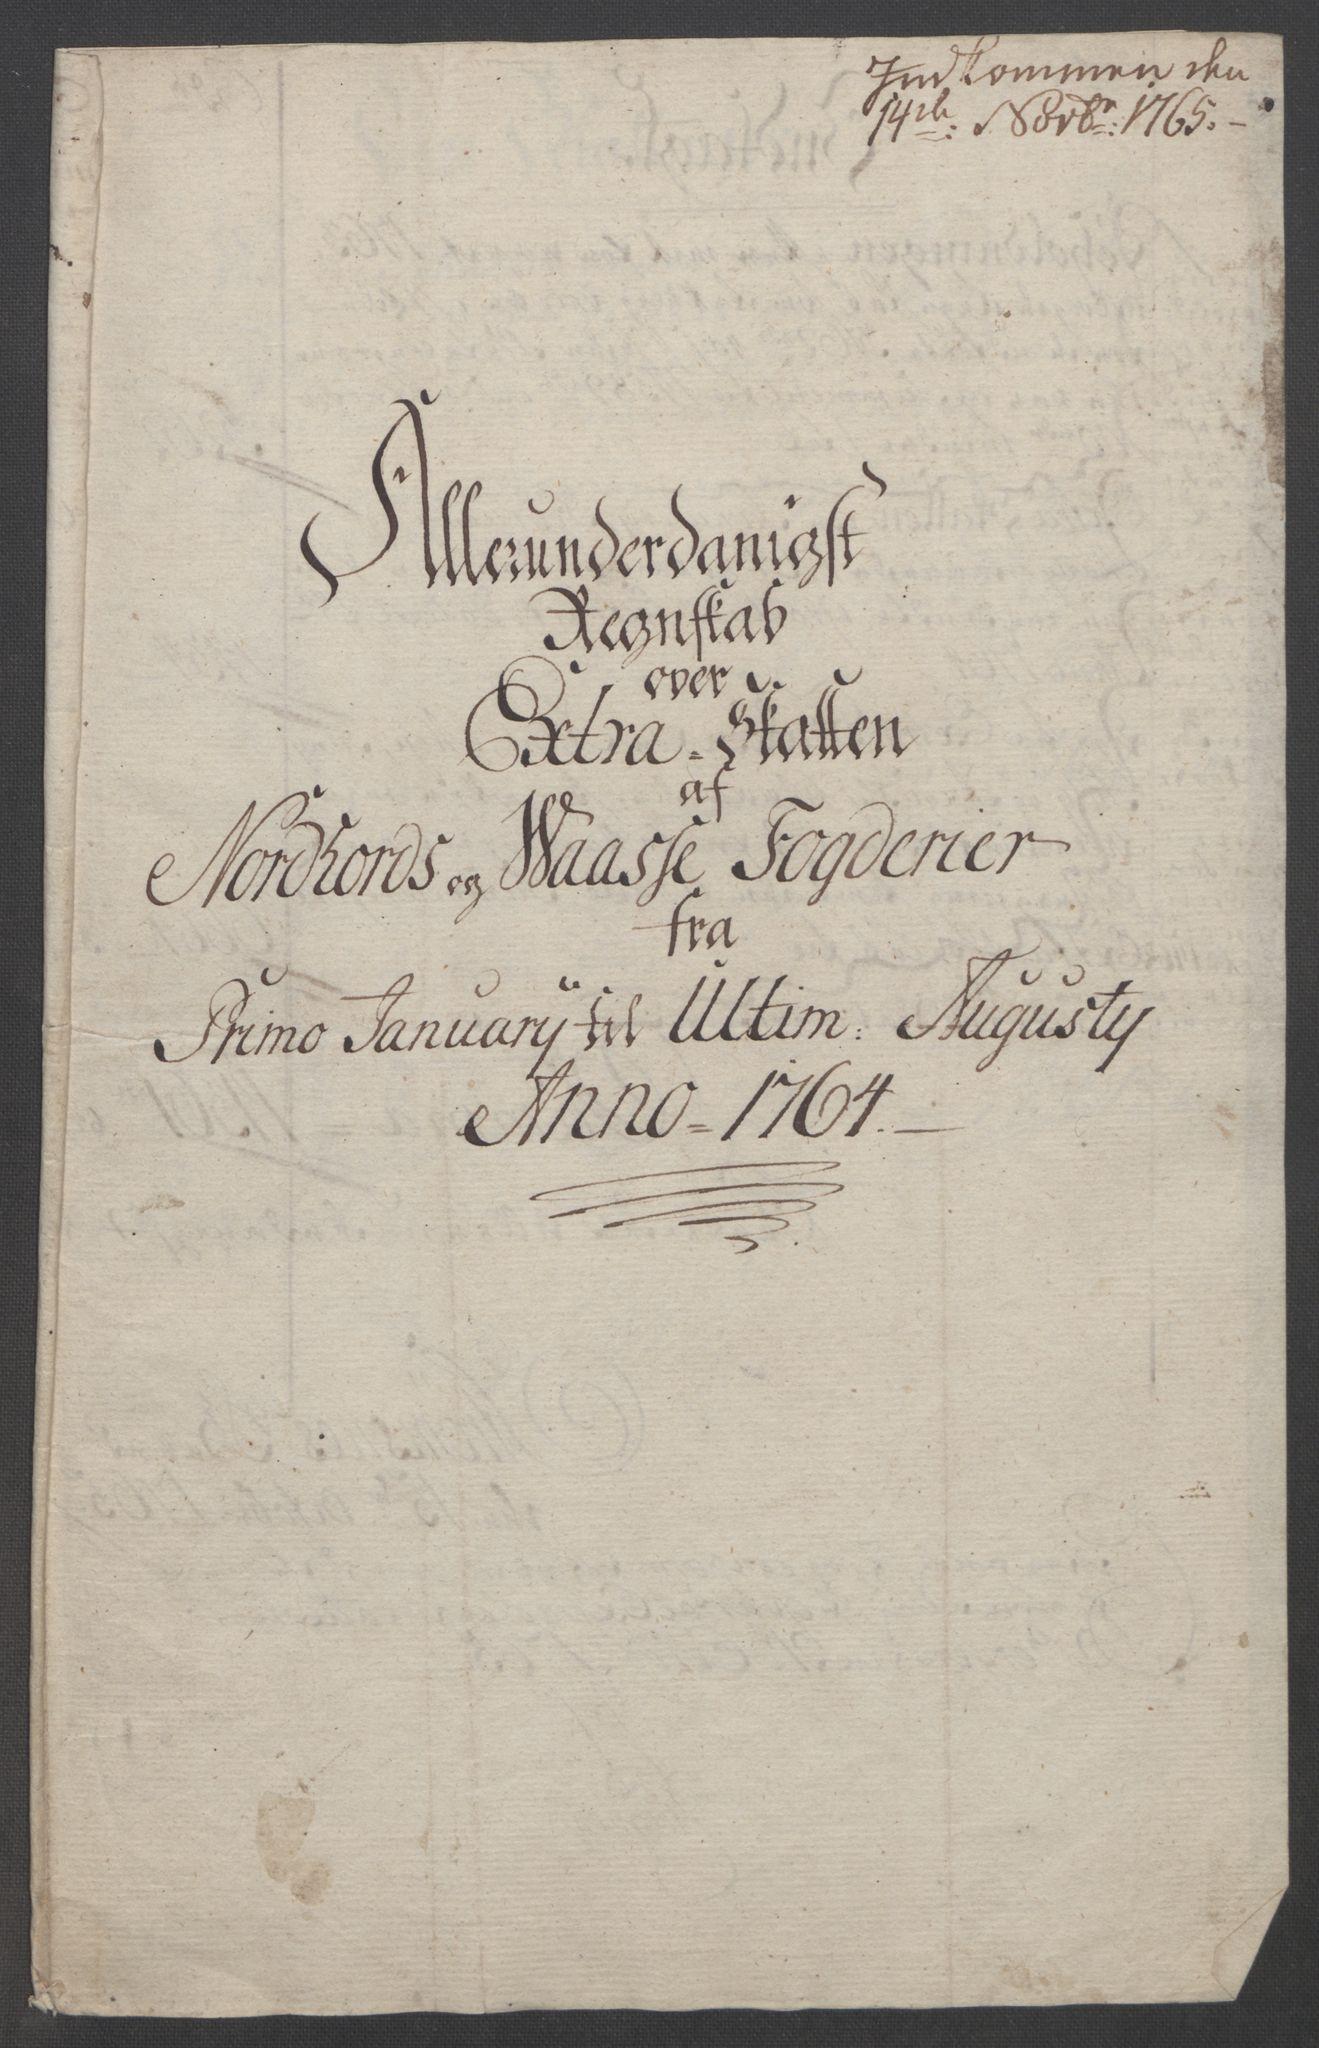 RA, Rentekammeret inntil 1814, Reviderte regnskaper, Fogderegnskap, R51/L3303: Ekstraskatten Nordhordland og Voss, 1762-1772, s. 73